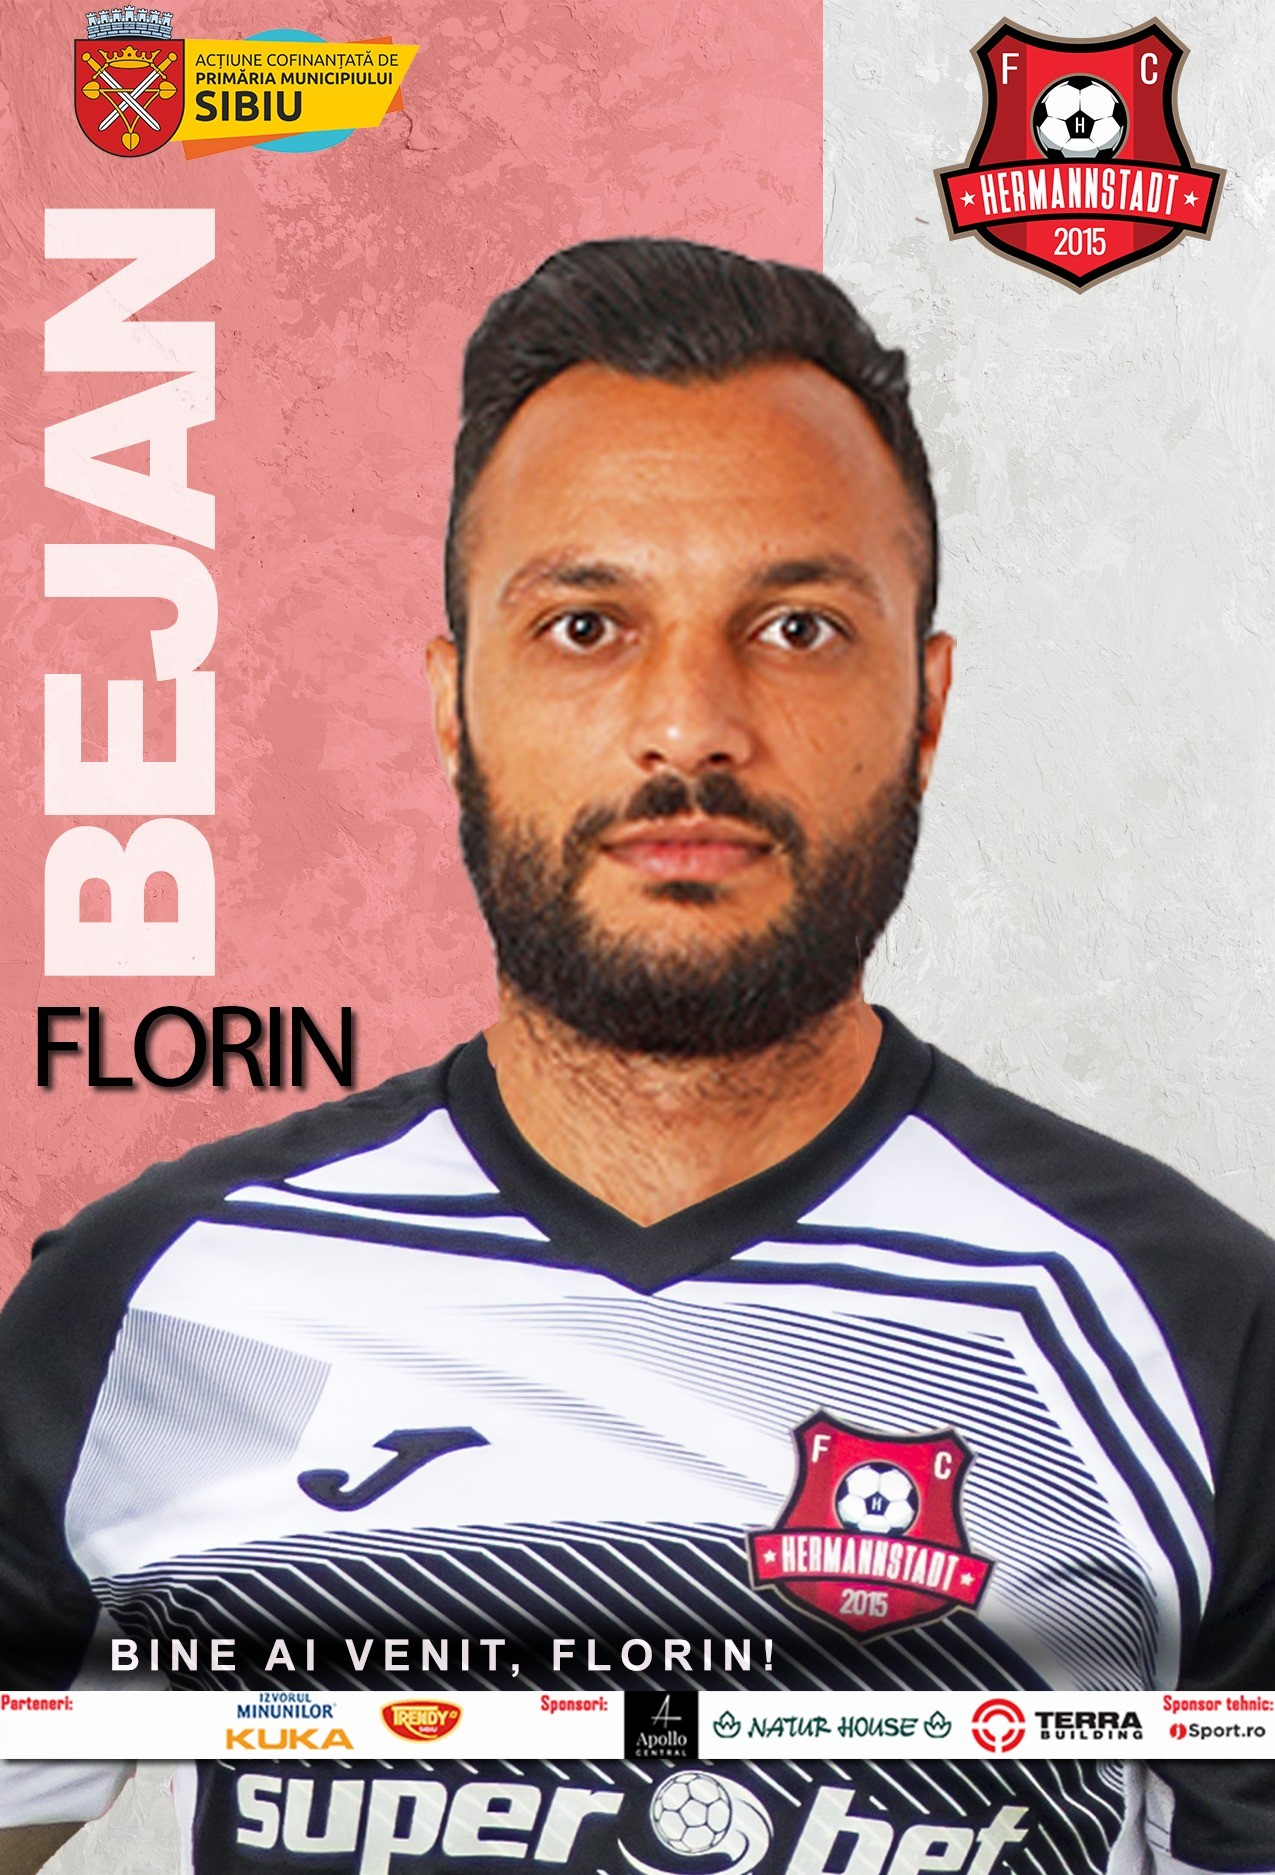 Este fundaș central, are 1,86 înâlțime, poate juca și mijlocaș la închidere sau fundaș dreapta și are o cotă de 350.000 de euro pe siteurile de specialitate. Florin Bejan este unul dintre cei mai experimentați apărători din fotbalul românesc, având peste 260 de meciuri la activ, atât în țară cât și în străinătate. Acesta a mai evoluat în carieră la Viitorul Constanța, FCSB, ASA Tg. Mureș (cu care a câștigat Super Cupa României în sezonul 2015-2016), Cracovia (Polonia), Concordia Chiajna, Astra Giurgiu, Academica Clinceni și Dinamo București, echipă pentru care a bifat 25 de meciuri în sezonul trecut și a marcat două goluri în toate competițiile.